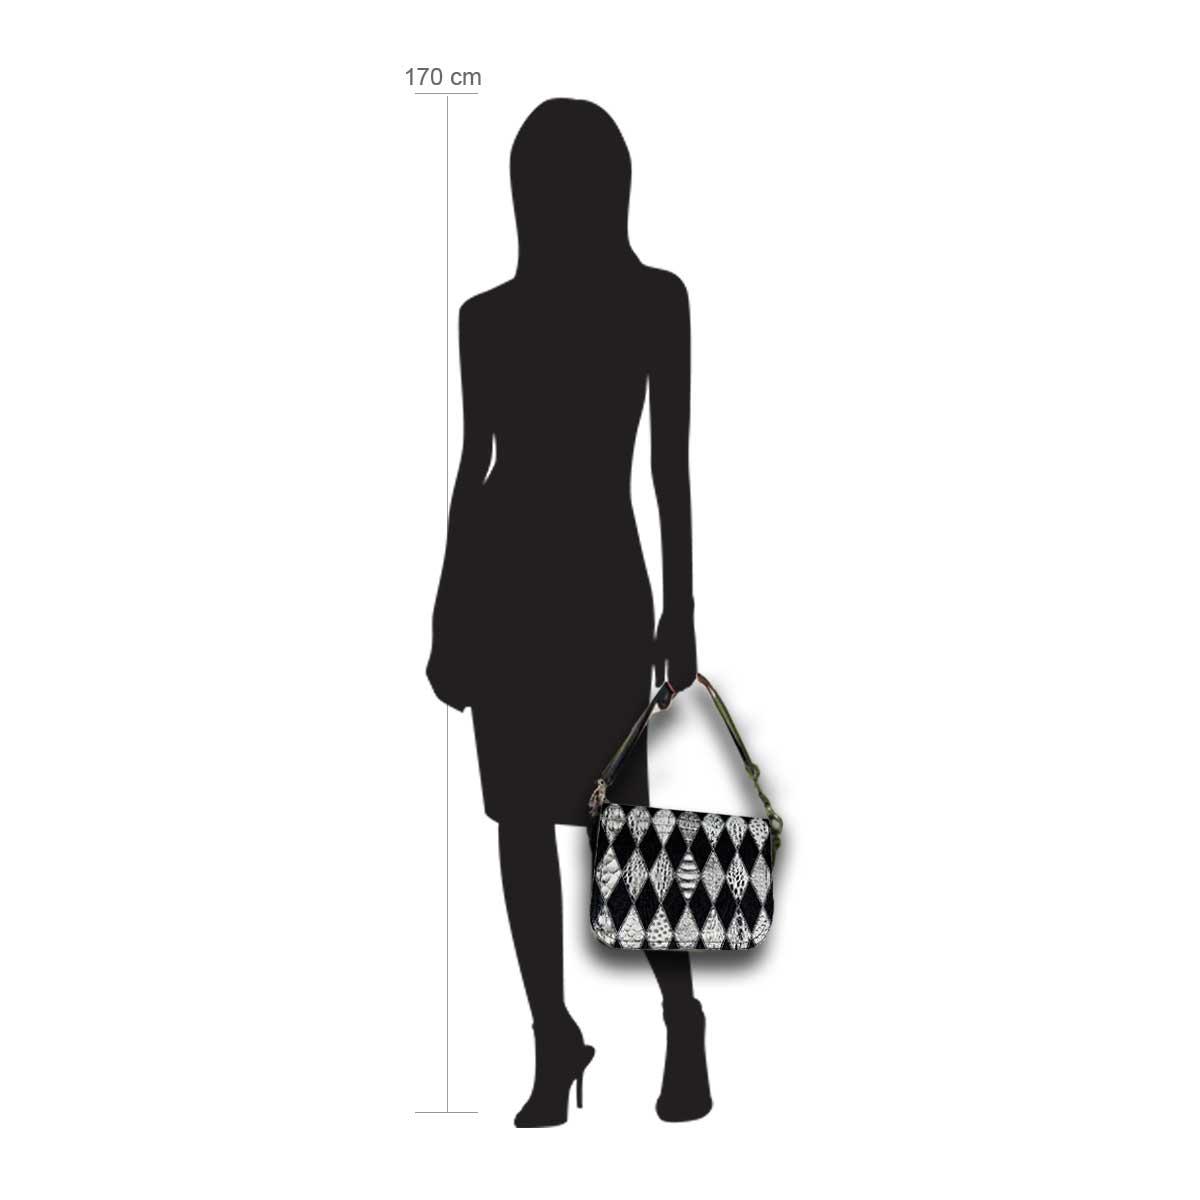 Modellpuppe 170 cm groß zeigt die Handtaschengröße an der Person Modell:Denver schwarz weiß